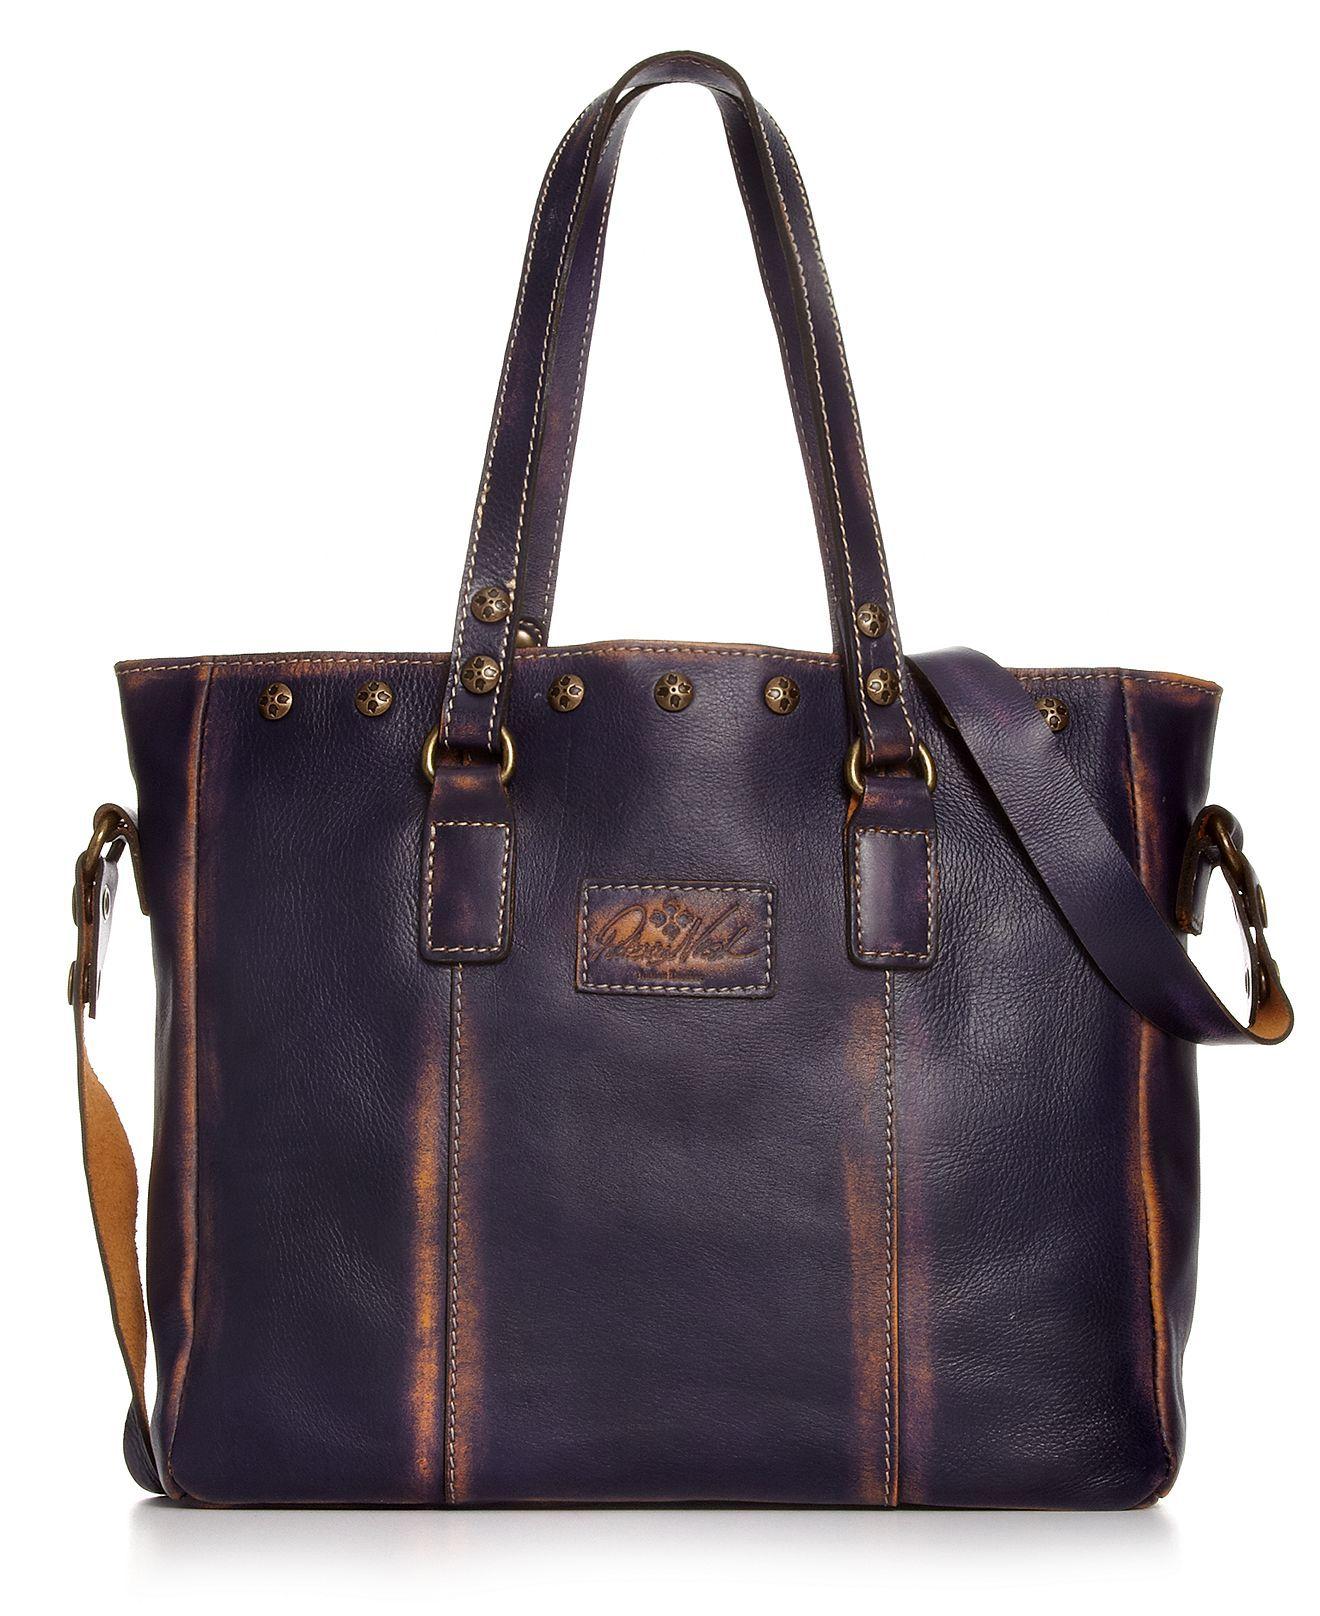 Patricia Nash Handbags Macy's